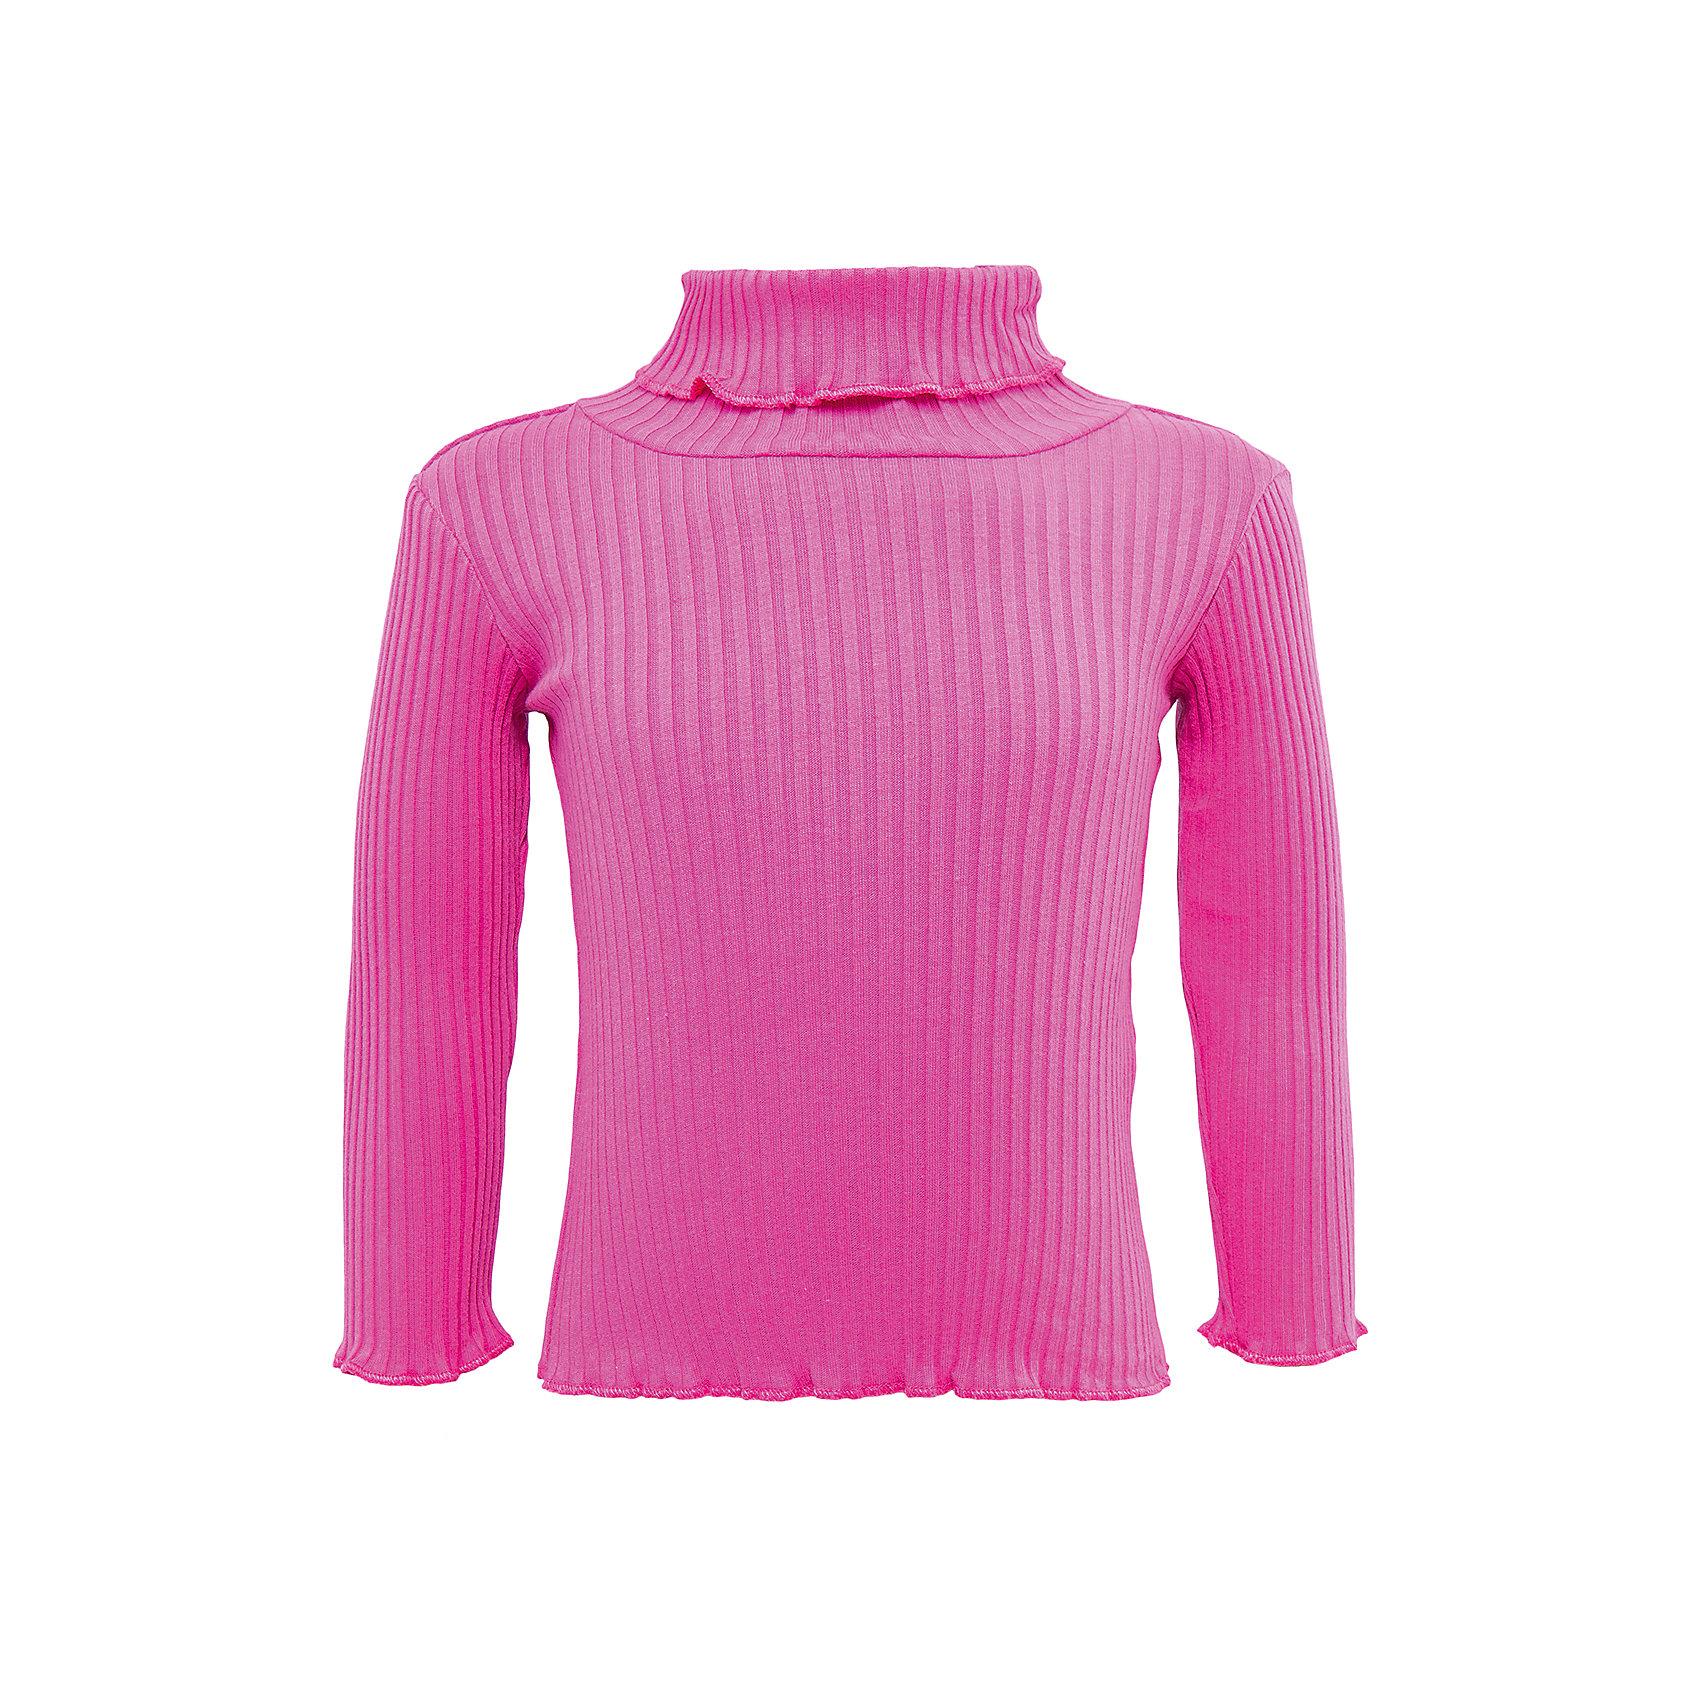 Водолазка для девочки PlayTodayВодолазка для девочки от известного бренда PlayToday.<br>Уютная хлопковая водолазка с длинными рукавами и высоким воротничком. Садится идеально по фигуре ребенка, сочетается с любой одеждой.<br>Состав:<br>100% хлопок<br><br>Ширина мм: 157<br>Глубина мм: 13<br>Высота мм: 119<br>Вес г: 200<br>Цвет: малиновый<br>Возраст от месяцев: 12<br>Возраст до месяцев: 18<br>Пол: Женский<br>Возраст: Детский<br>Размер: 86,74,80,92<br>SKU: 4900796